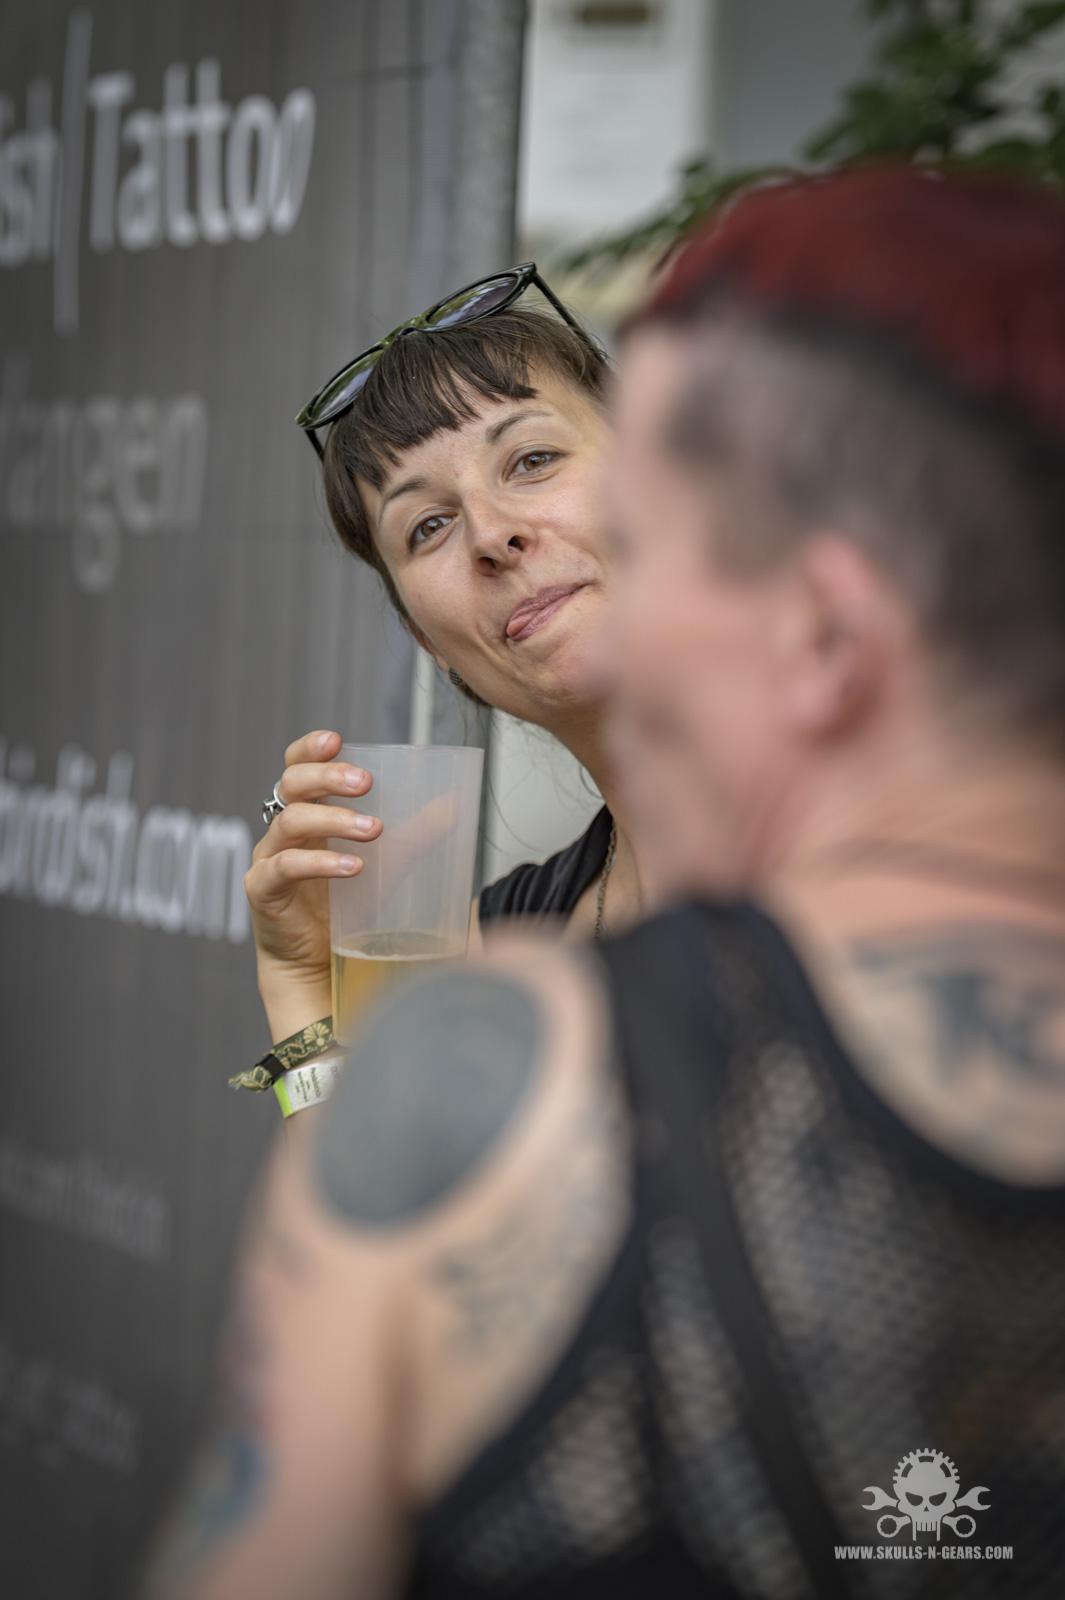 Schlosshof Festival - Besucher-21